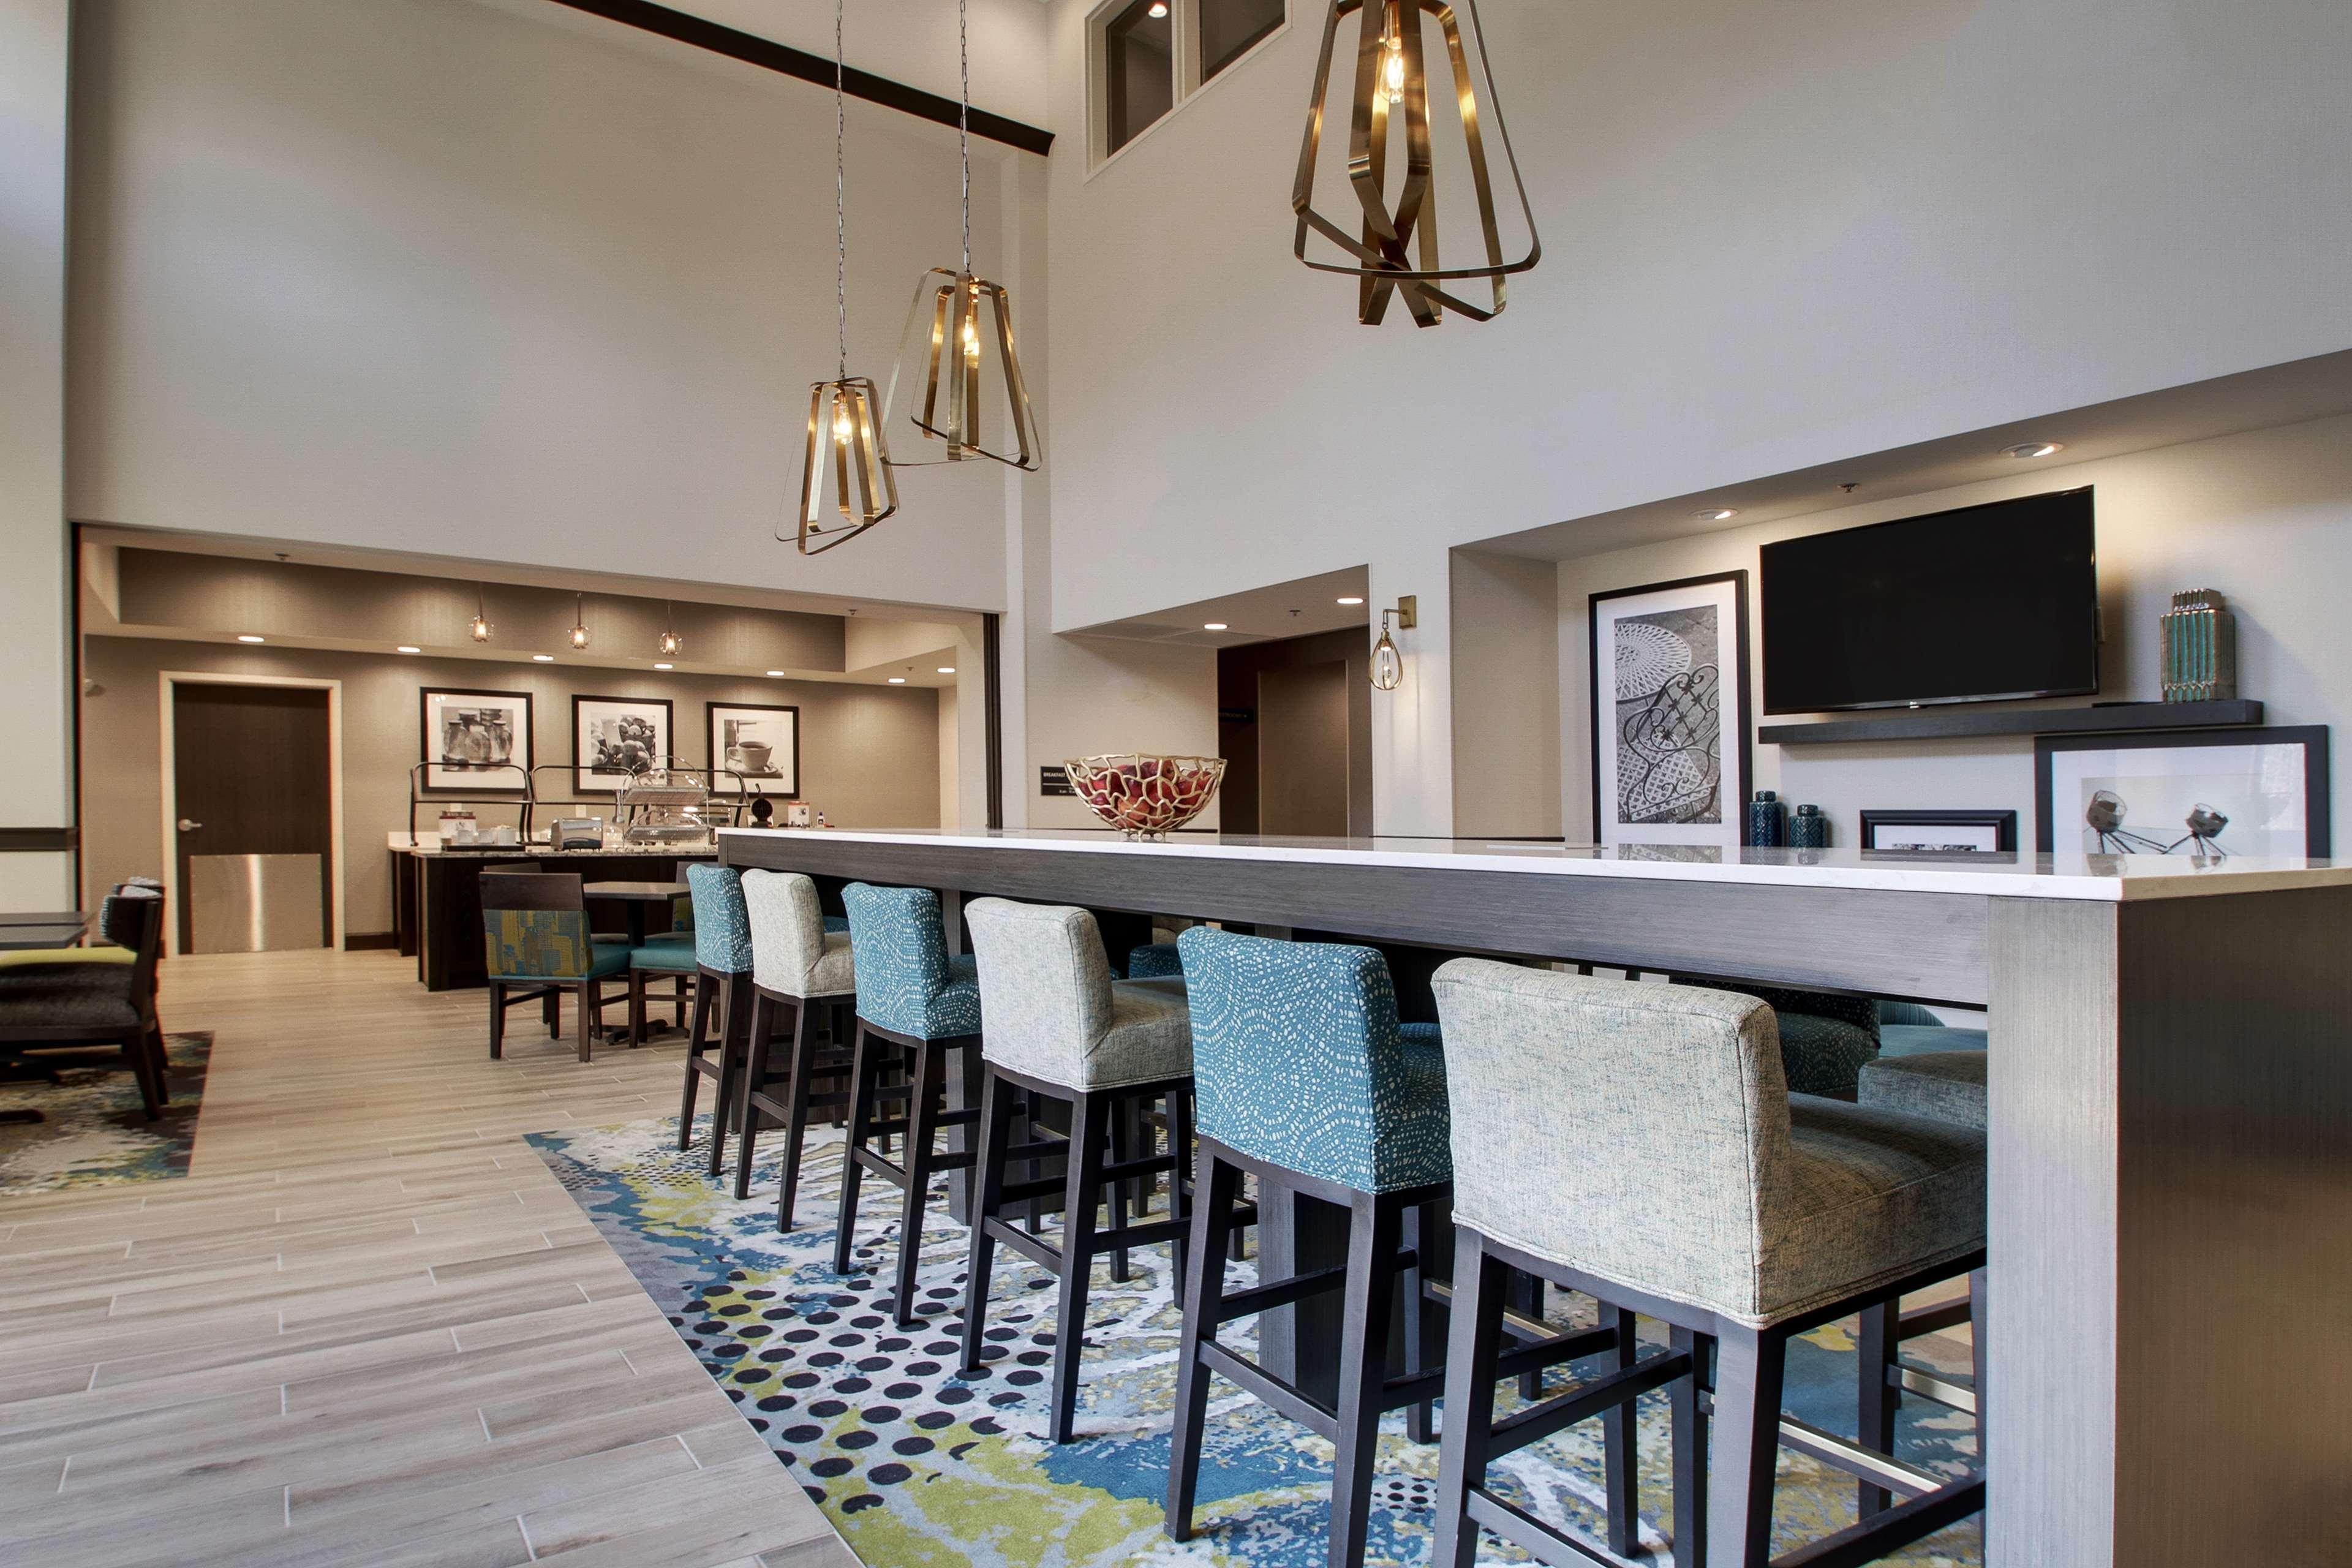 Hampton Inn & Suites Knightdale Raleigh image 1